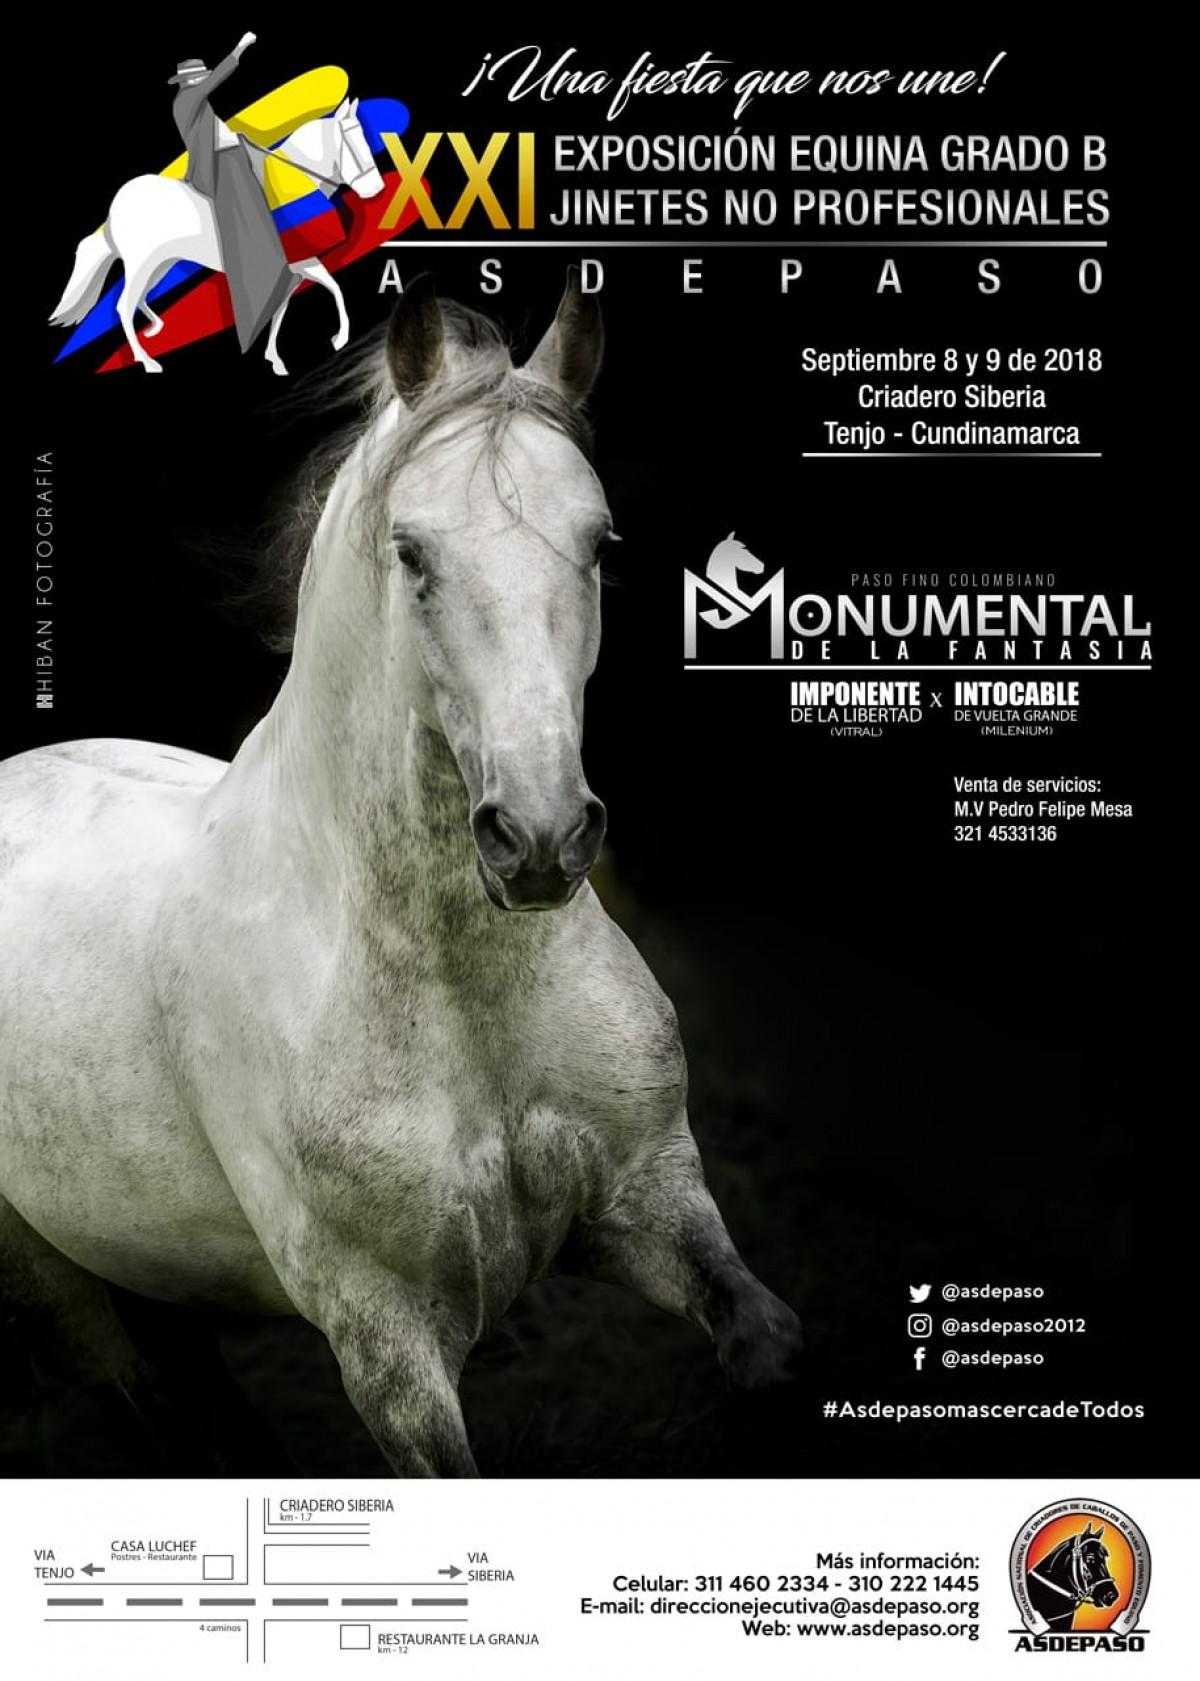 XXI Exposición Equina Grado B Jinetes No Profesionales Asdepaso, 8 y 9 De Septiembre